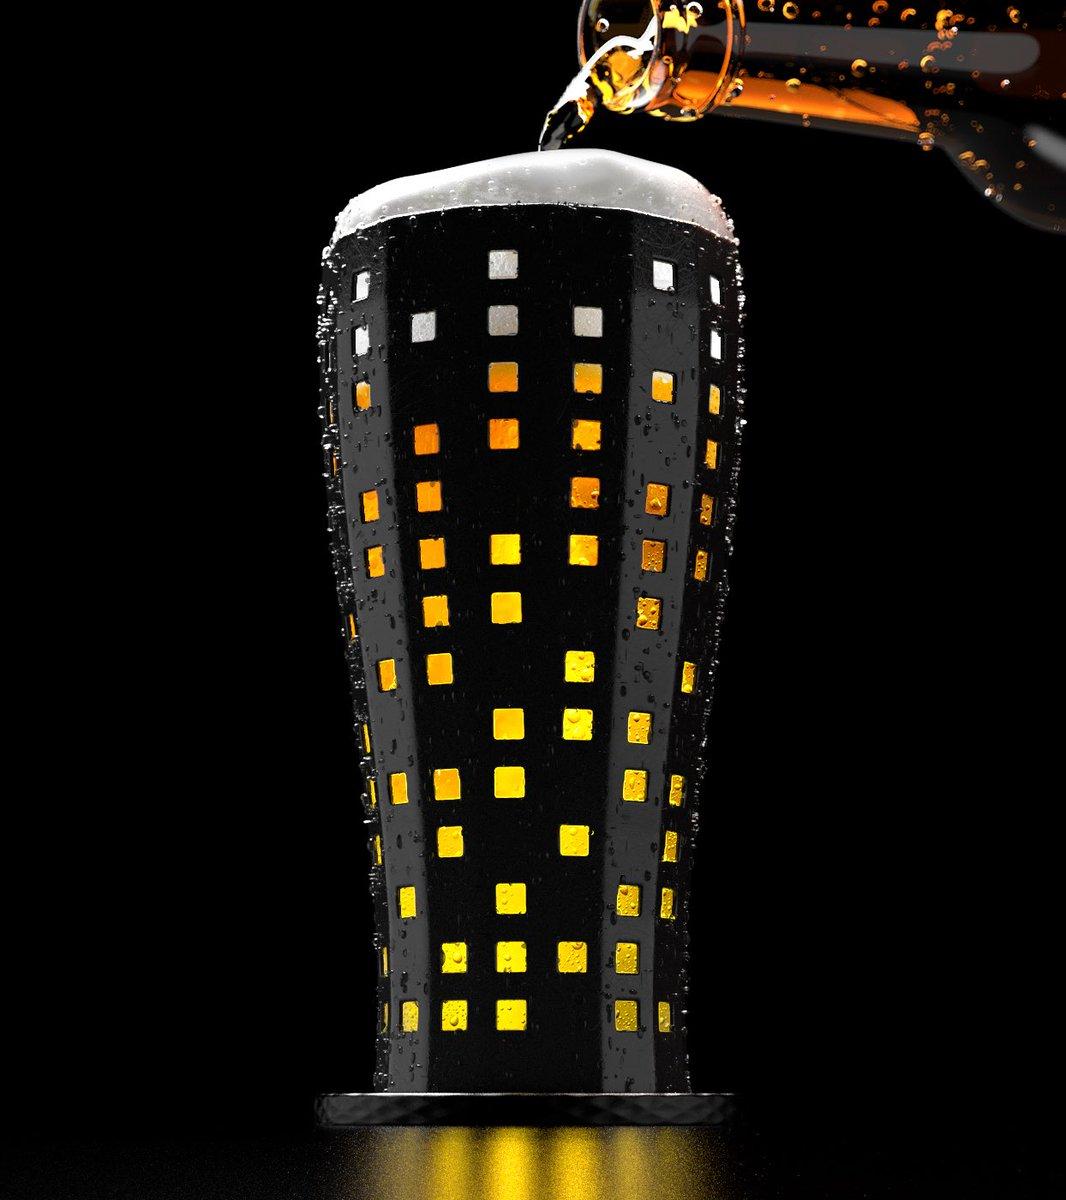 倒滿酒後,看起來就像是開燈城市夜景的酒杯 Eh2BY78U8AA6APa